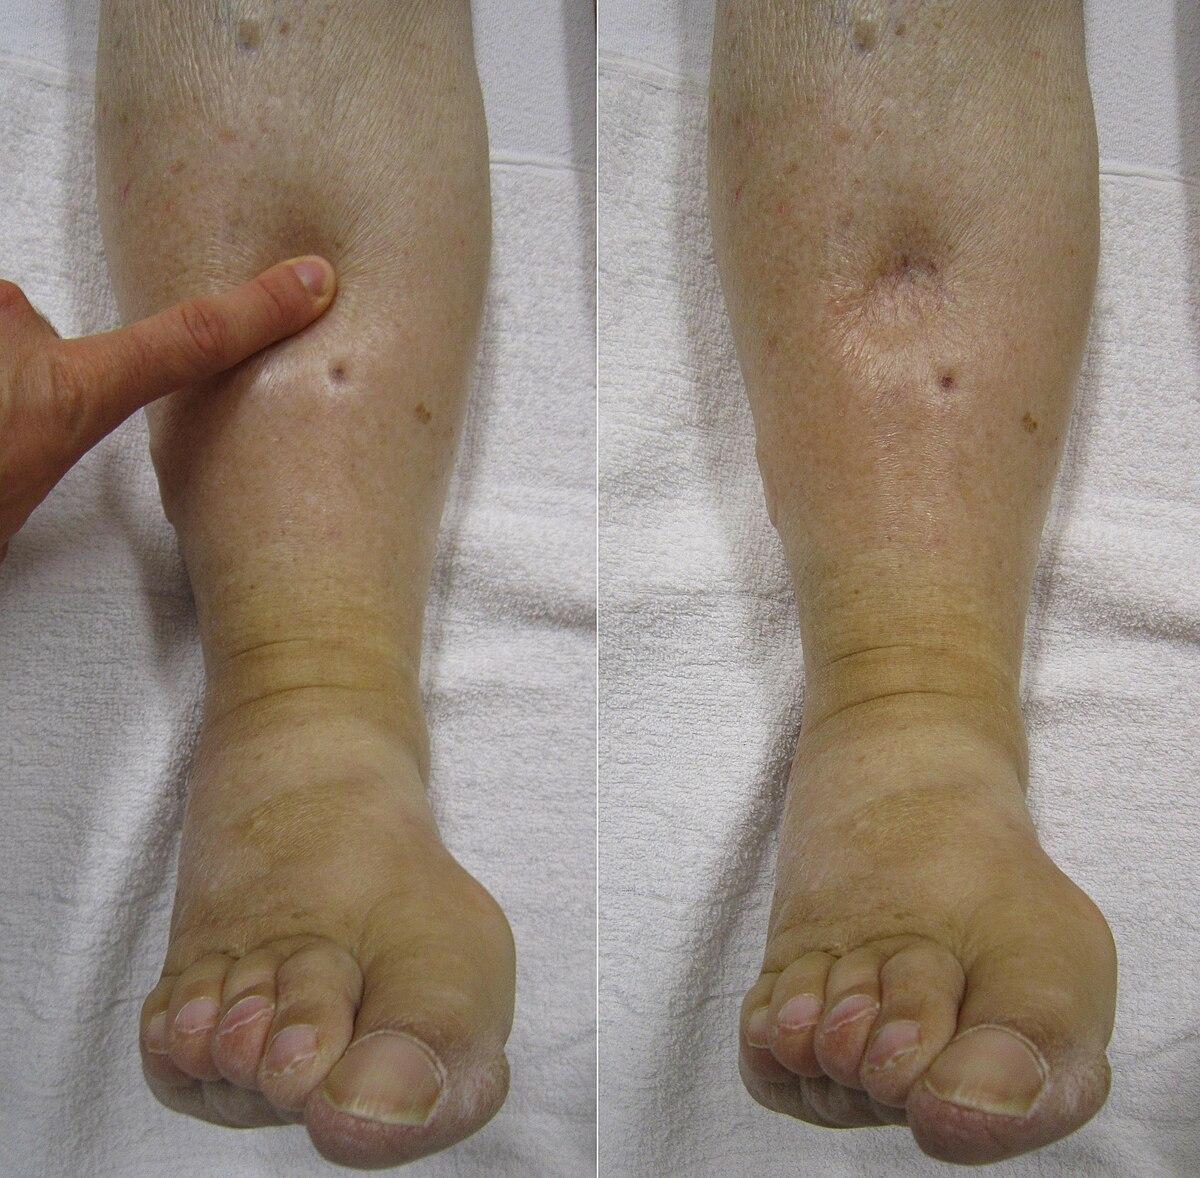 Collant dopo operazione di vene varicose